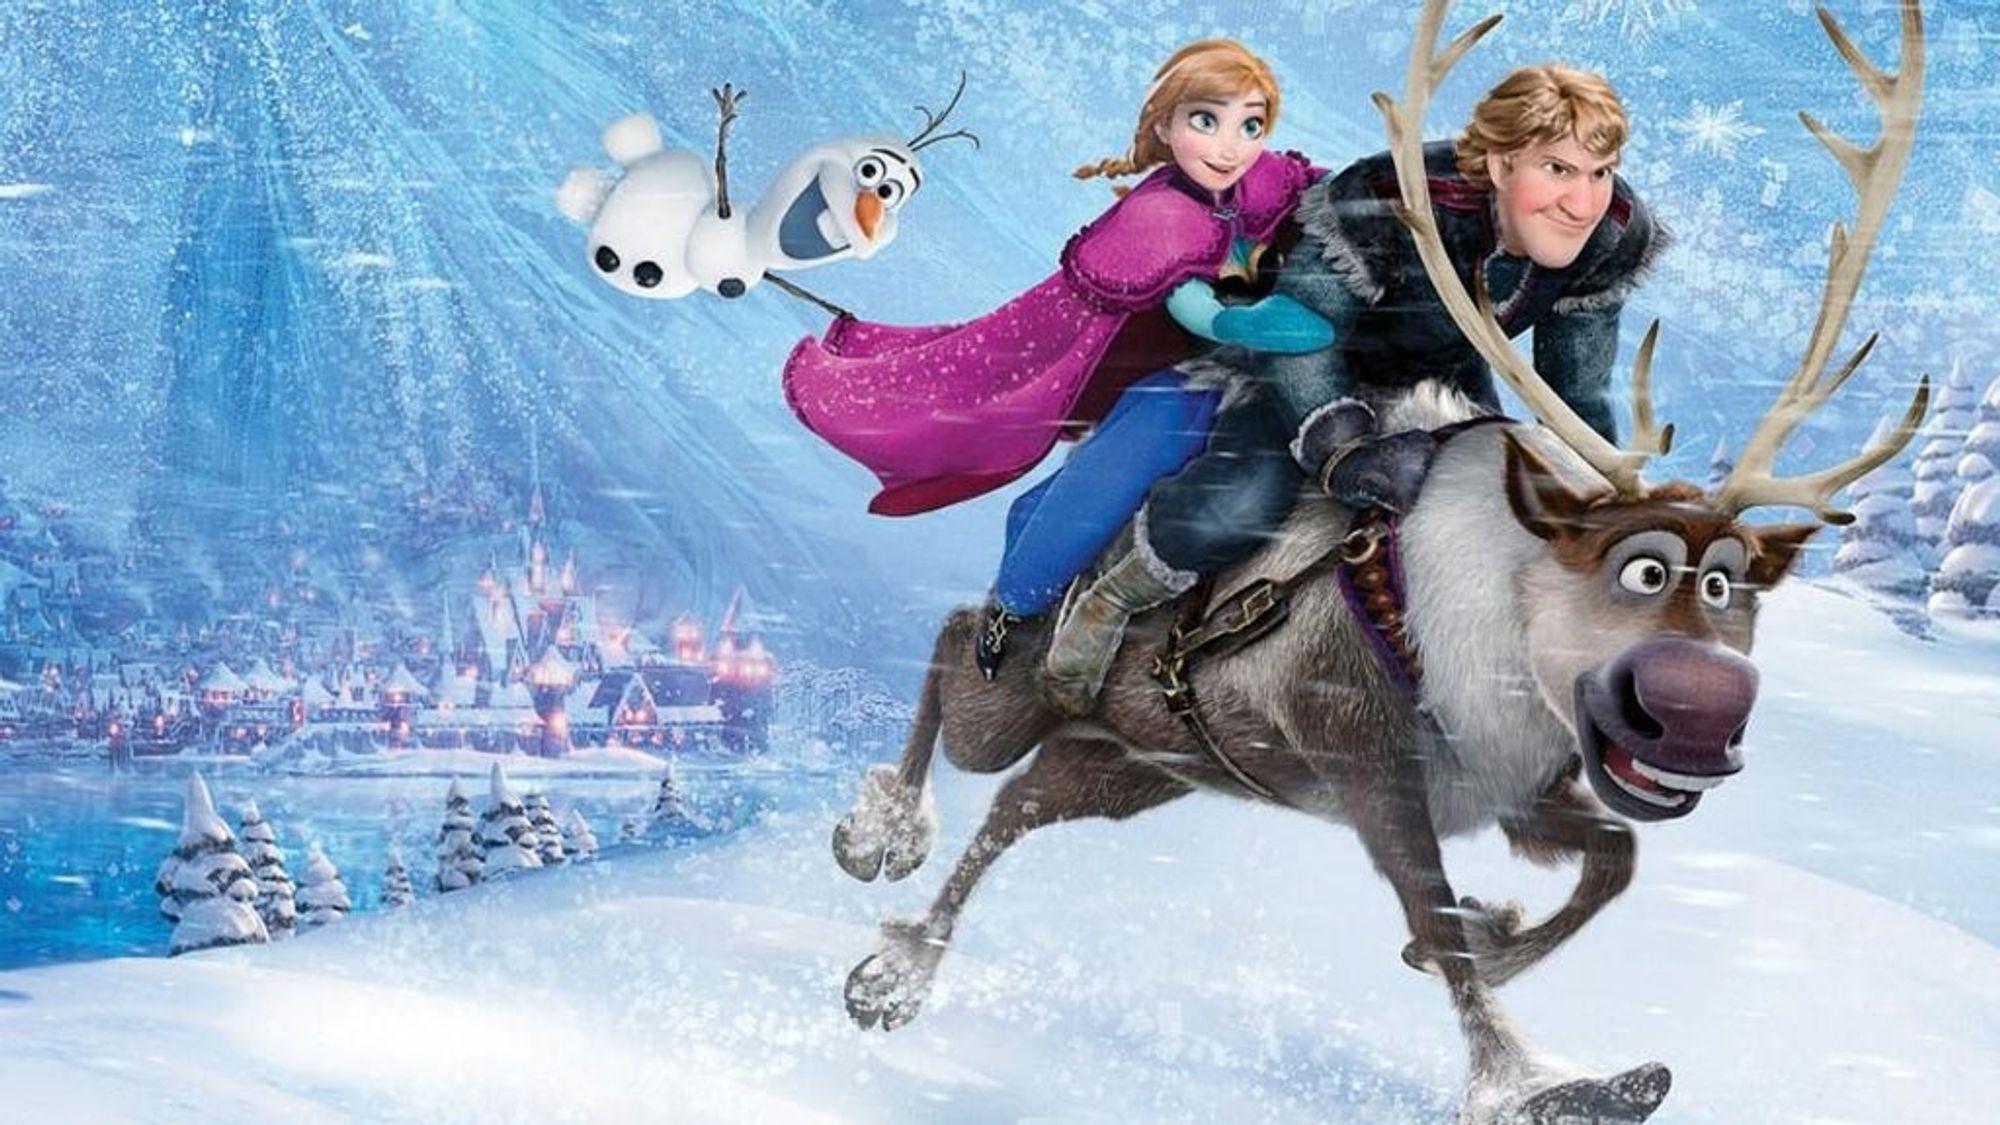 «Norsk» Disney-film satt ny rekord - Tek.no